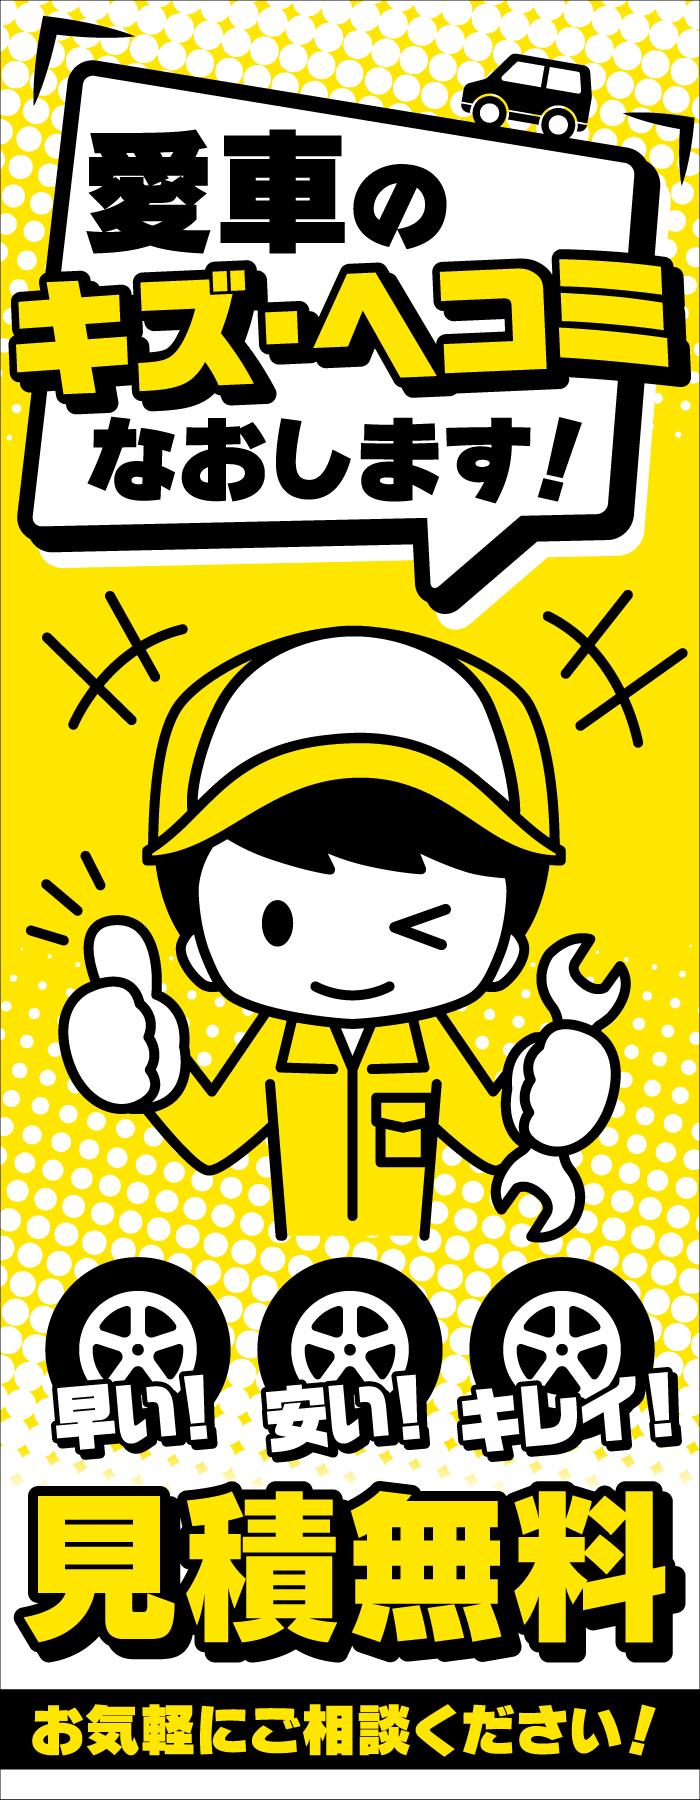 「鈑金整備工場向け」愛車のキズ・ヘコミなおします!見積無料 のぼり旗イエロー【M-110】